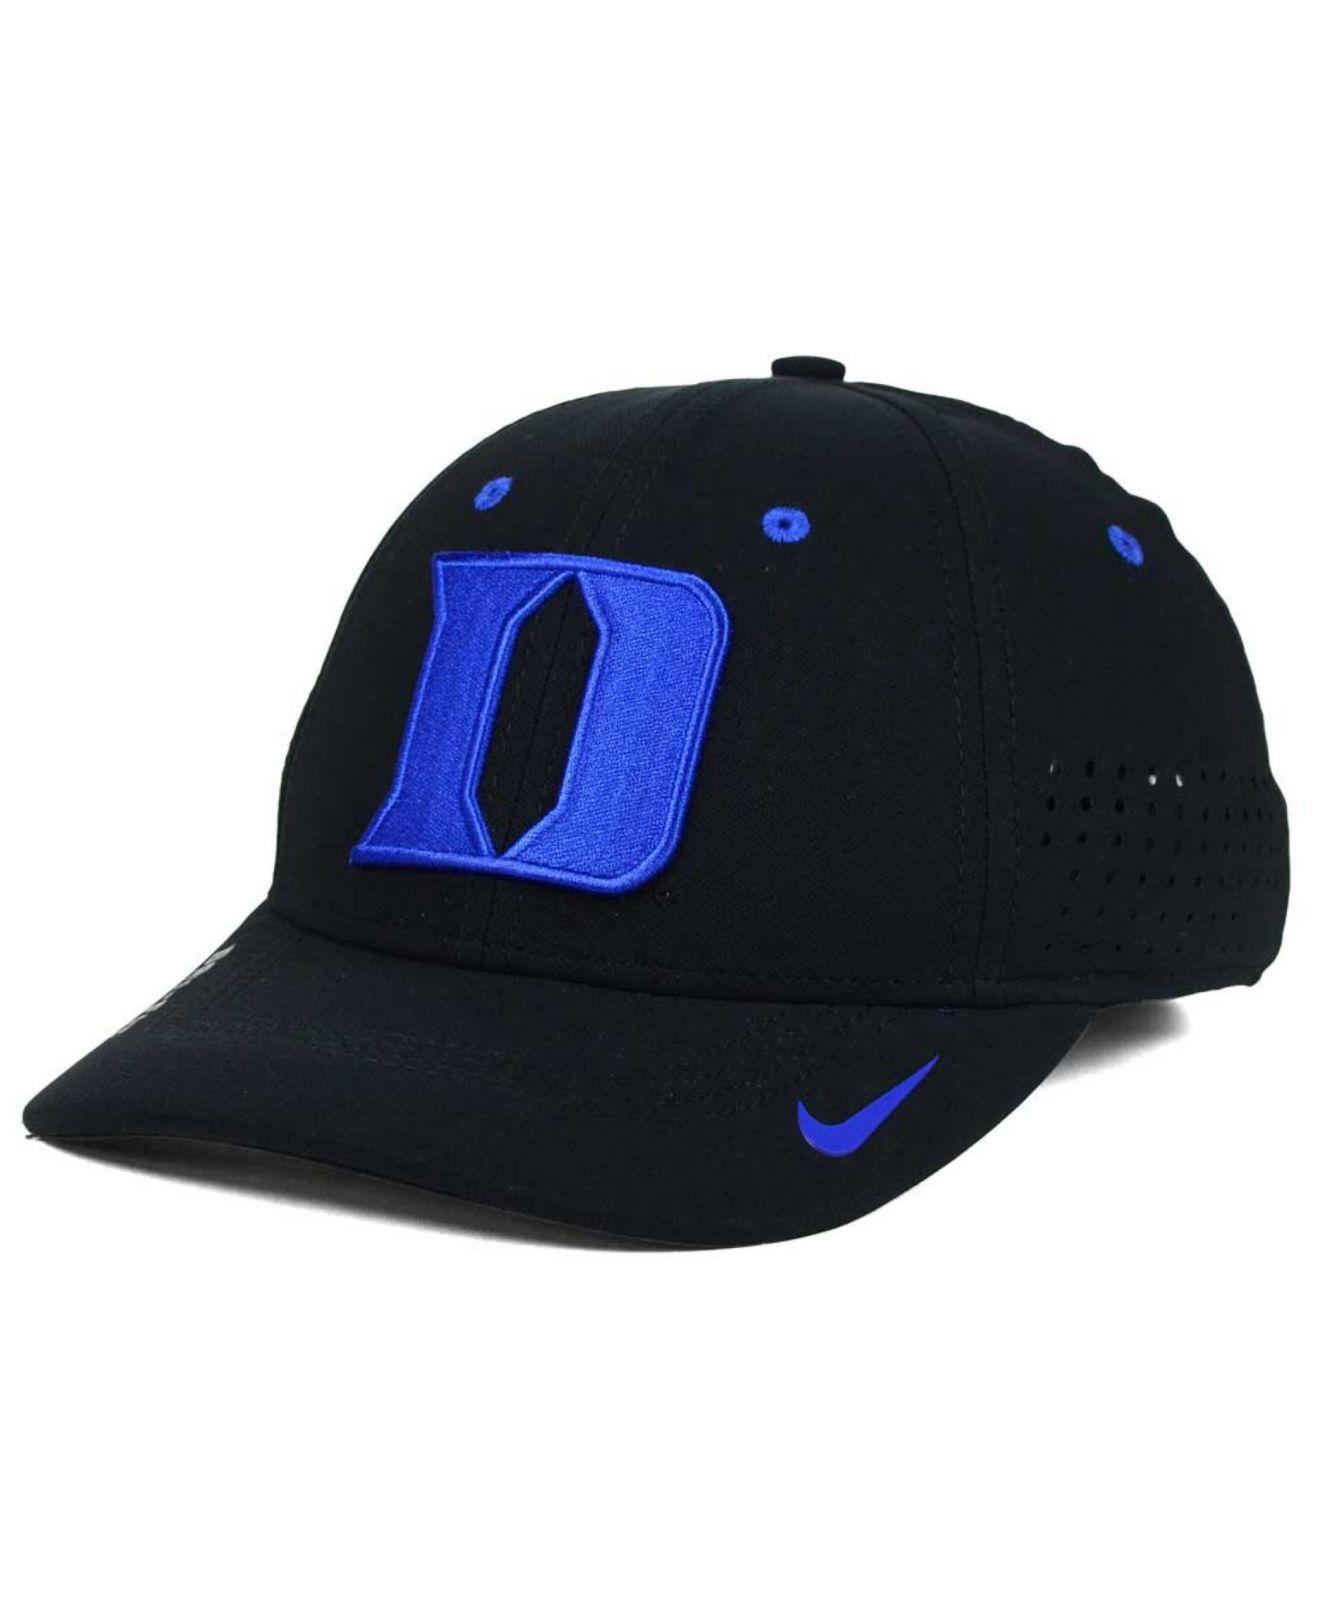 hot sale online 9864e 69b2b Nike Duke Blue Devils Sideline Cap in Black for Men - Lyst